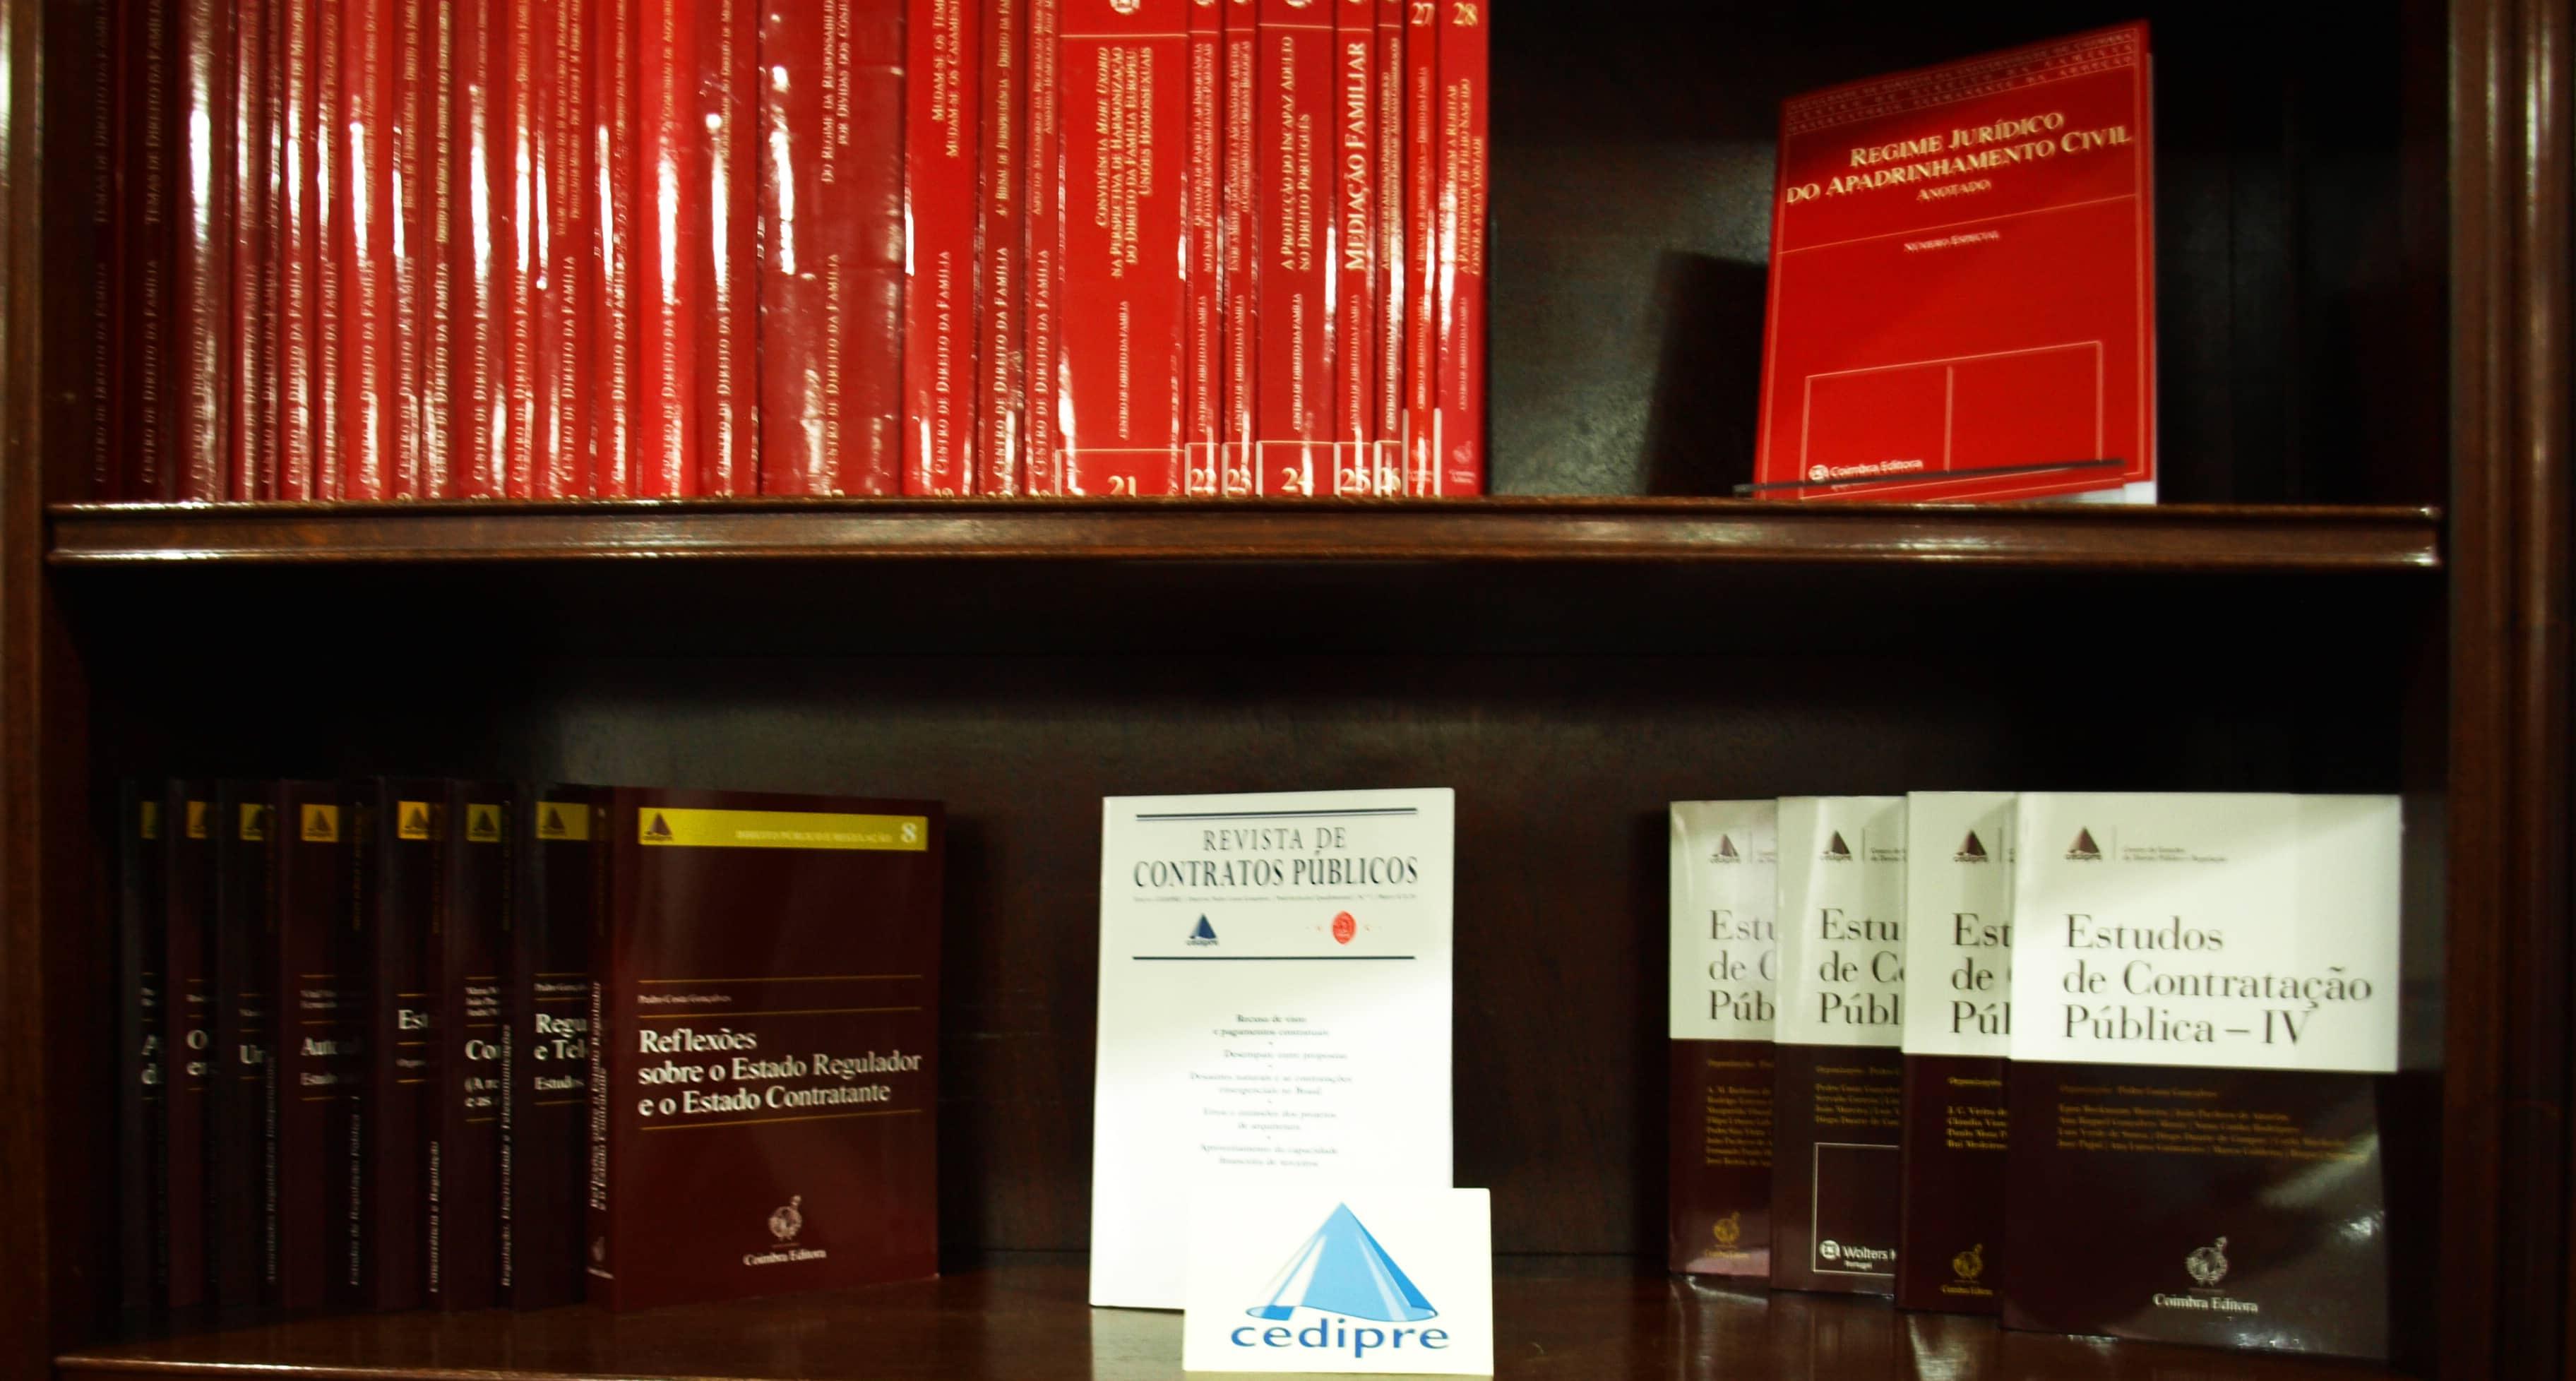 Biblioteca CEDIPRE